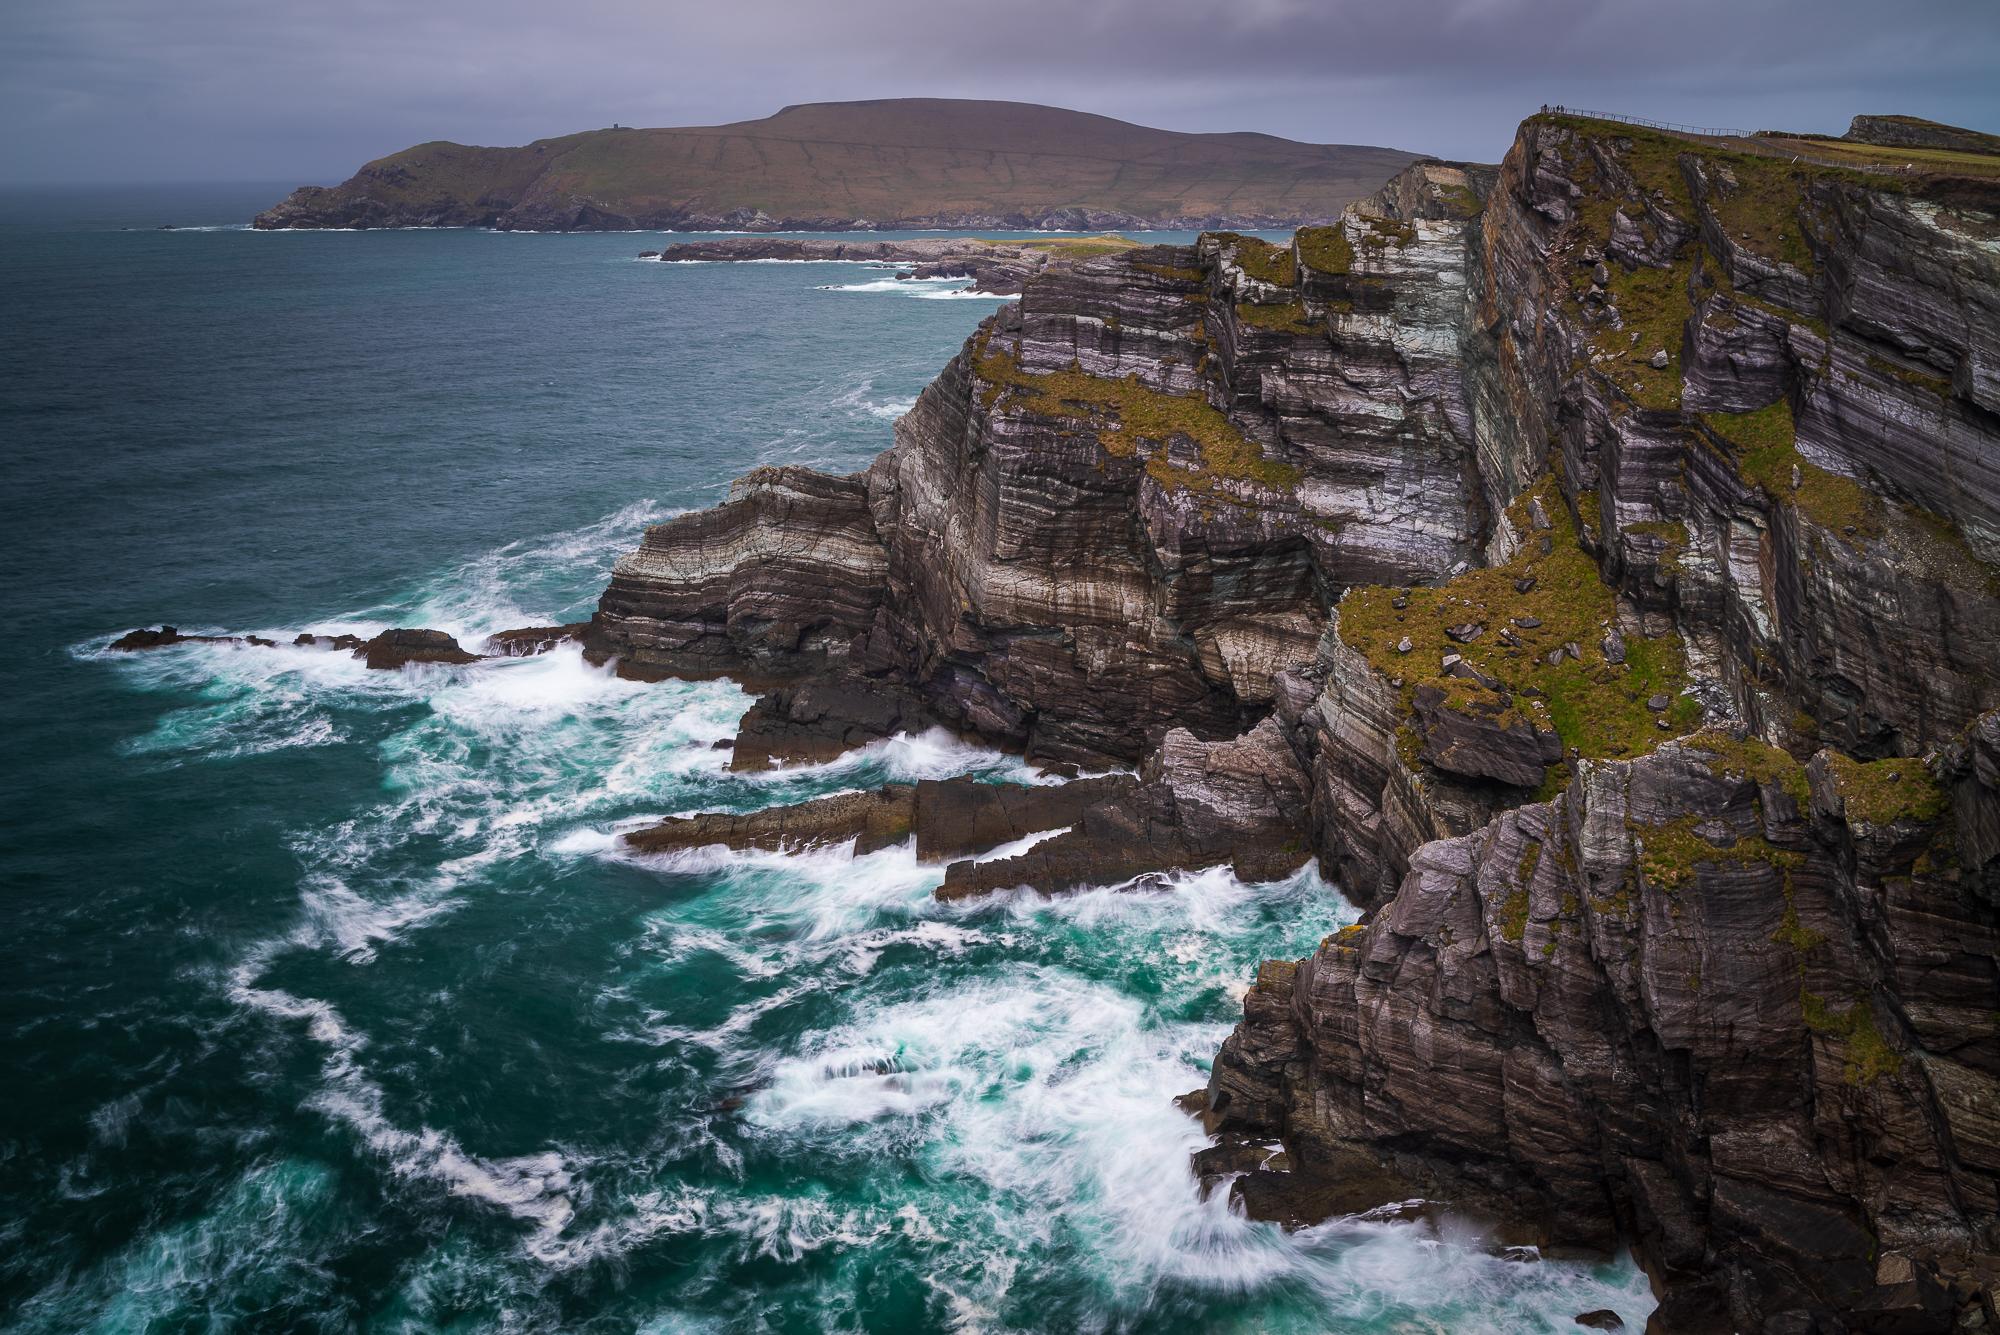 Kliffen nabij Portmagee (F11, 1.6 sec, iso 100, 6 stop filter)